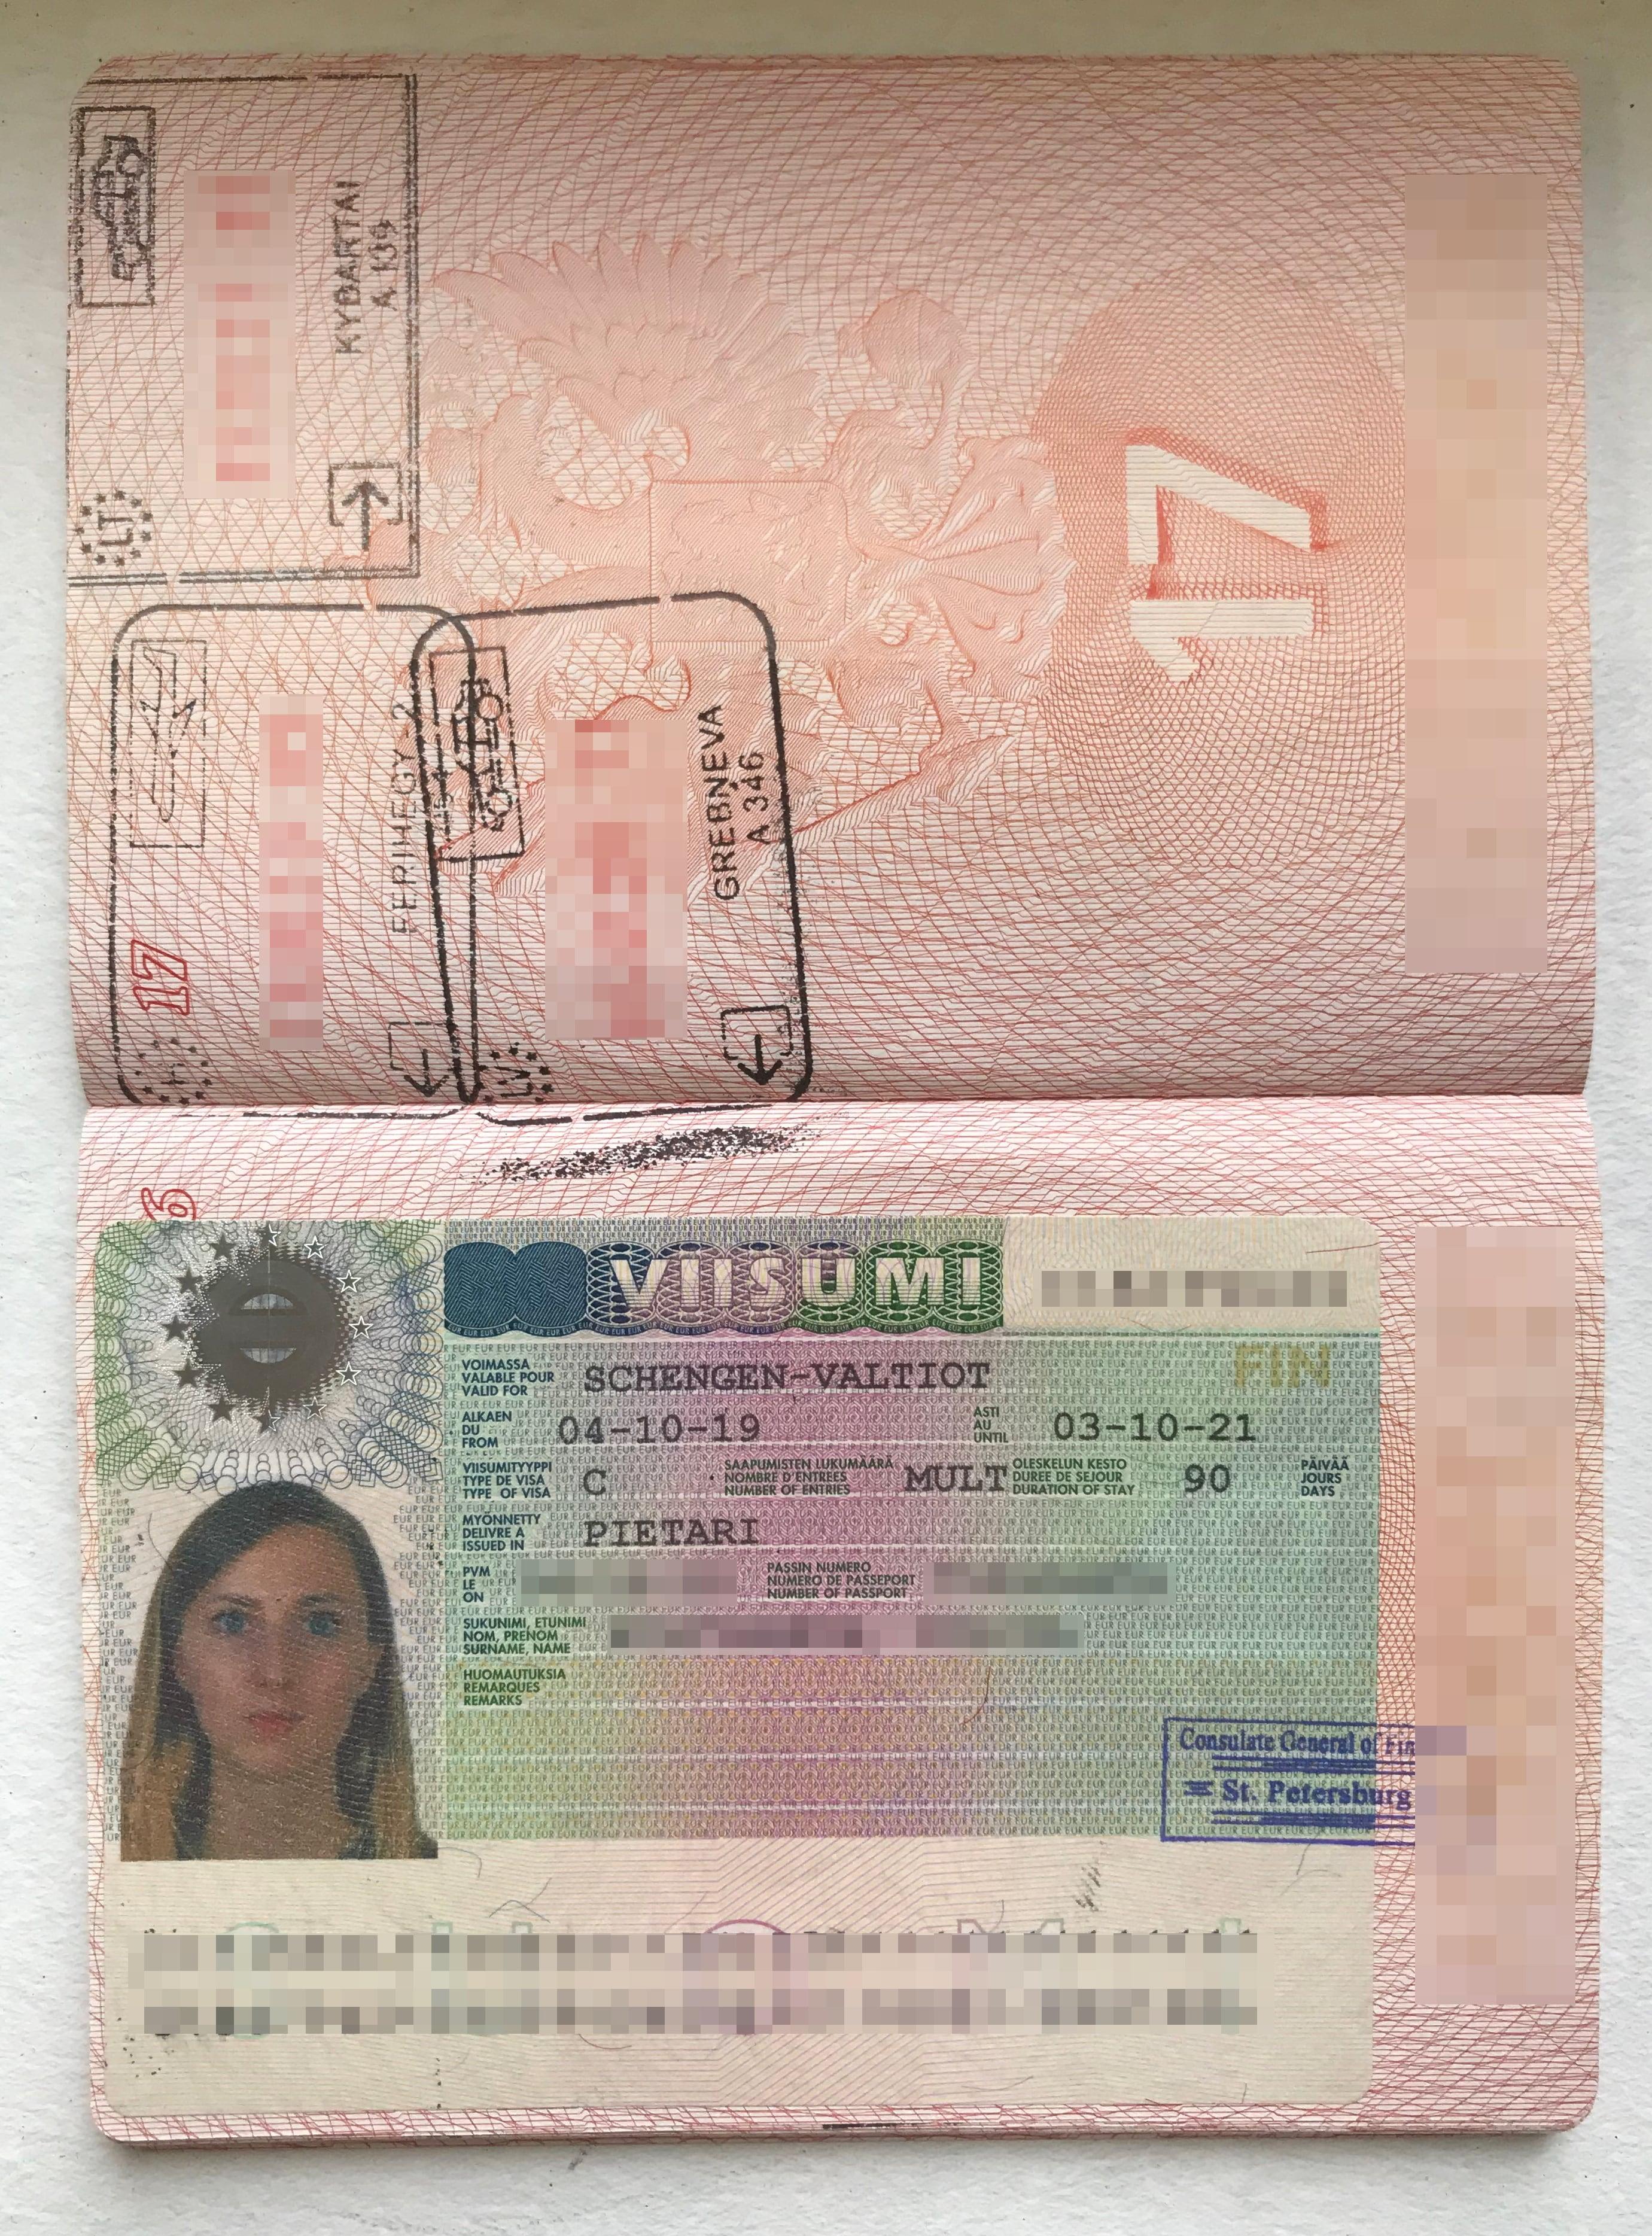 Мне выдали визу на два года